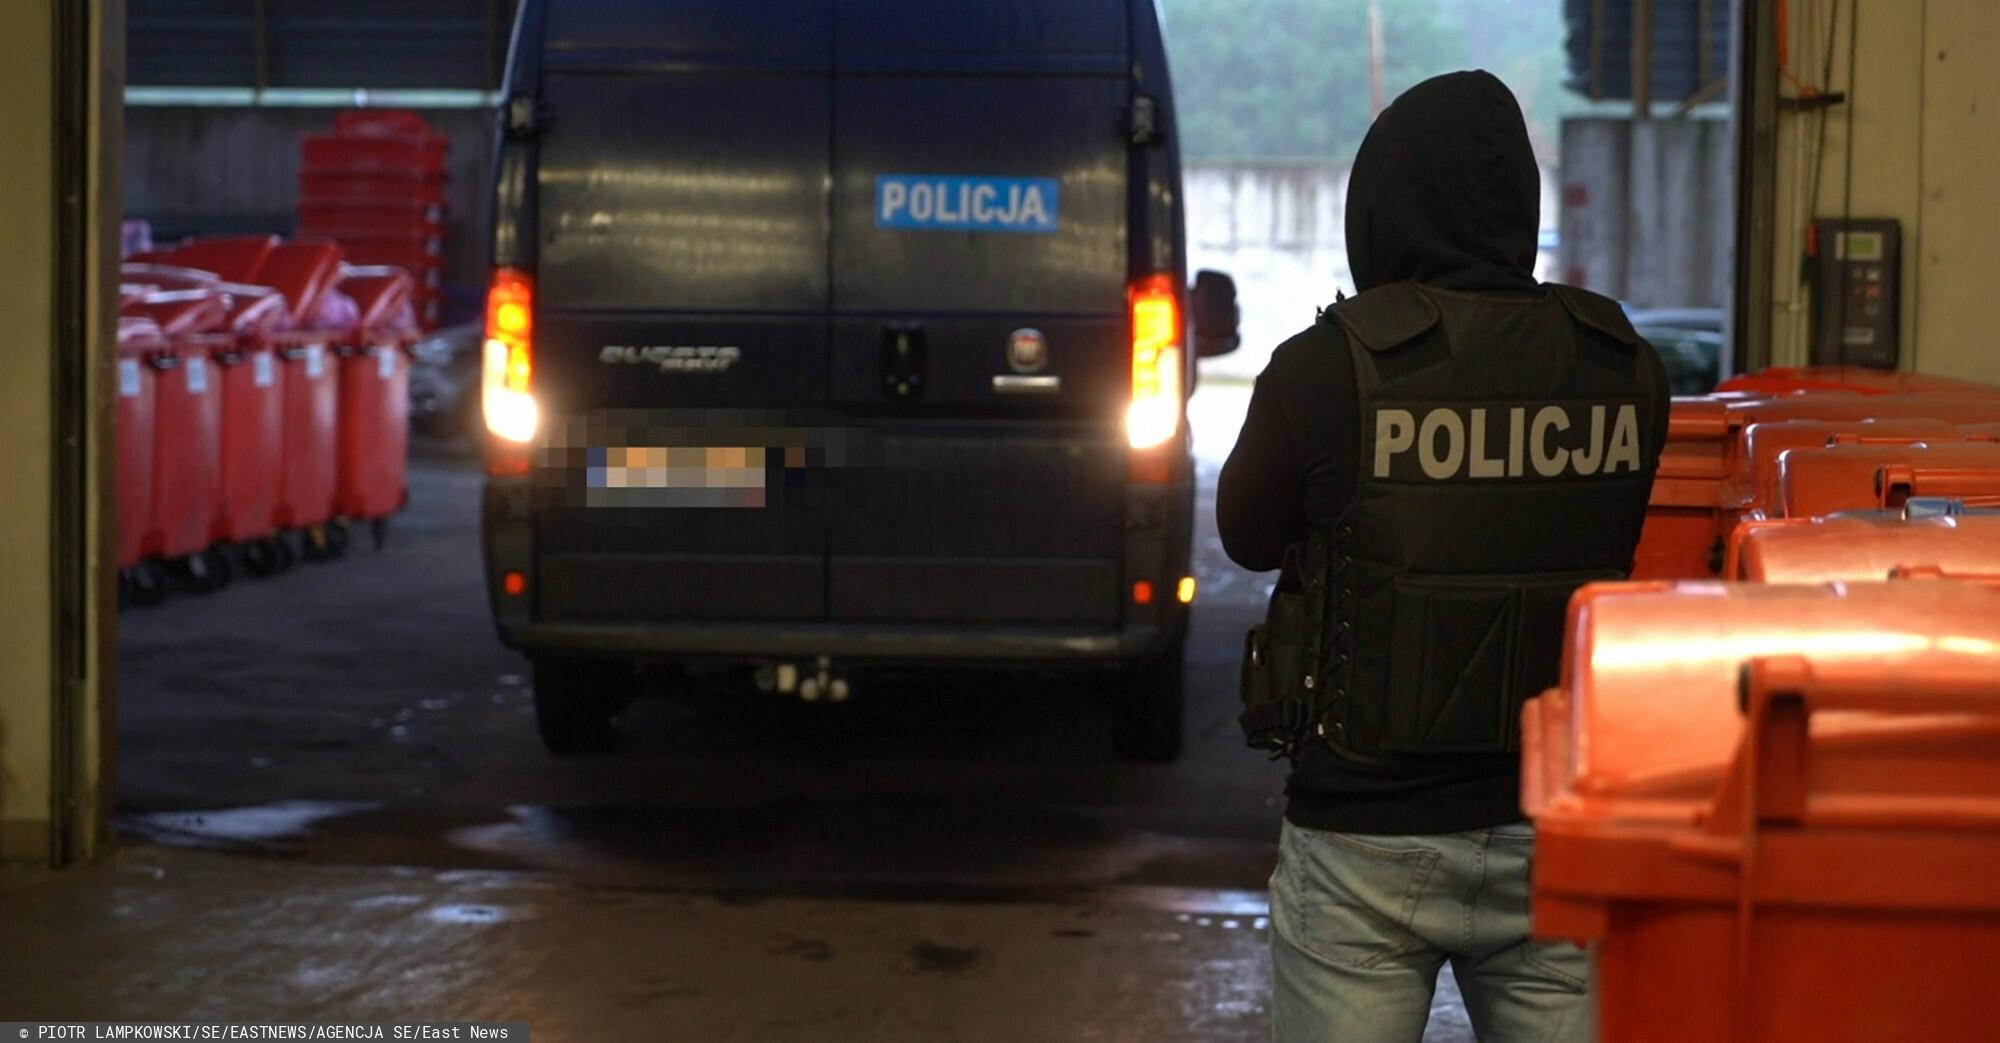 PIOTR LAMPKOWSKI/SE/EASTNEWS/AGENCJA SE/East News - zdjęcie ilustracyjne